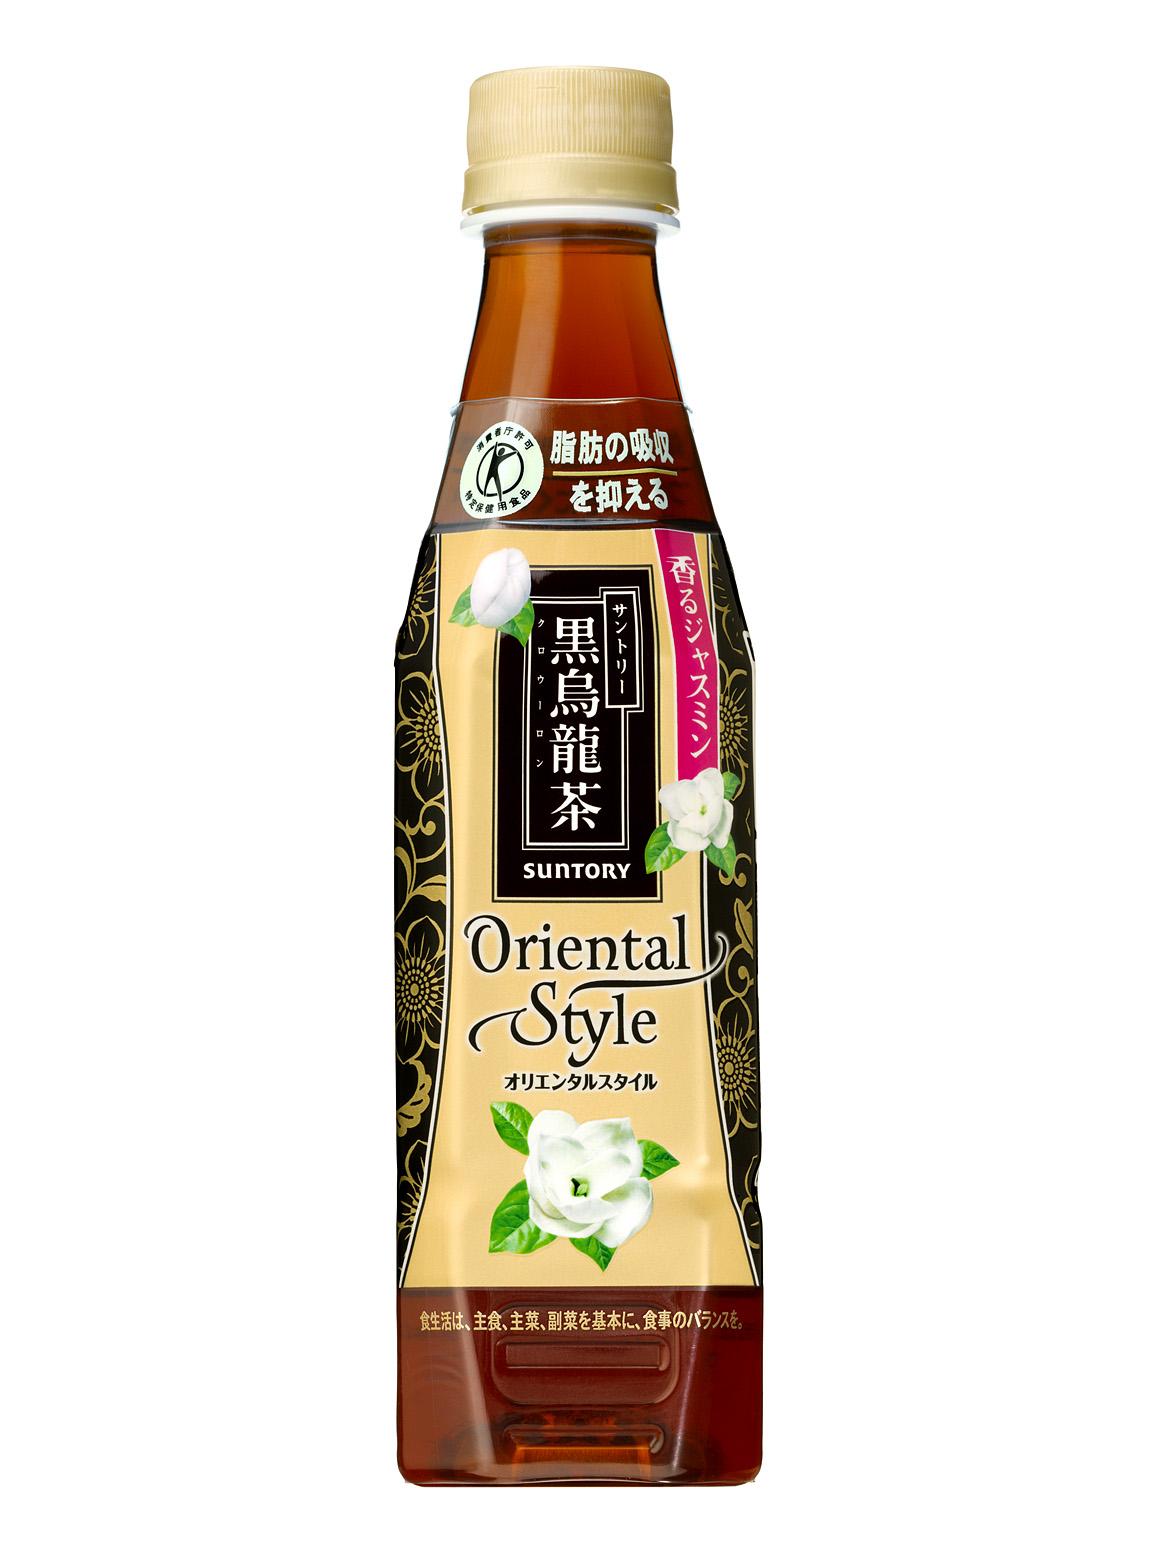 「サントリー黒烏龍茶 香るジャスミン(特定保健用食品)」新発売―ジャスミンの香りの「サントリー黒烏龍茶」が新登場―